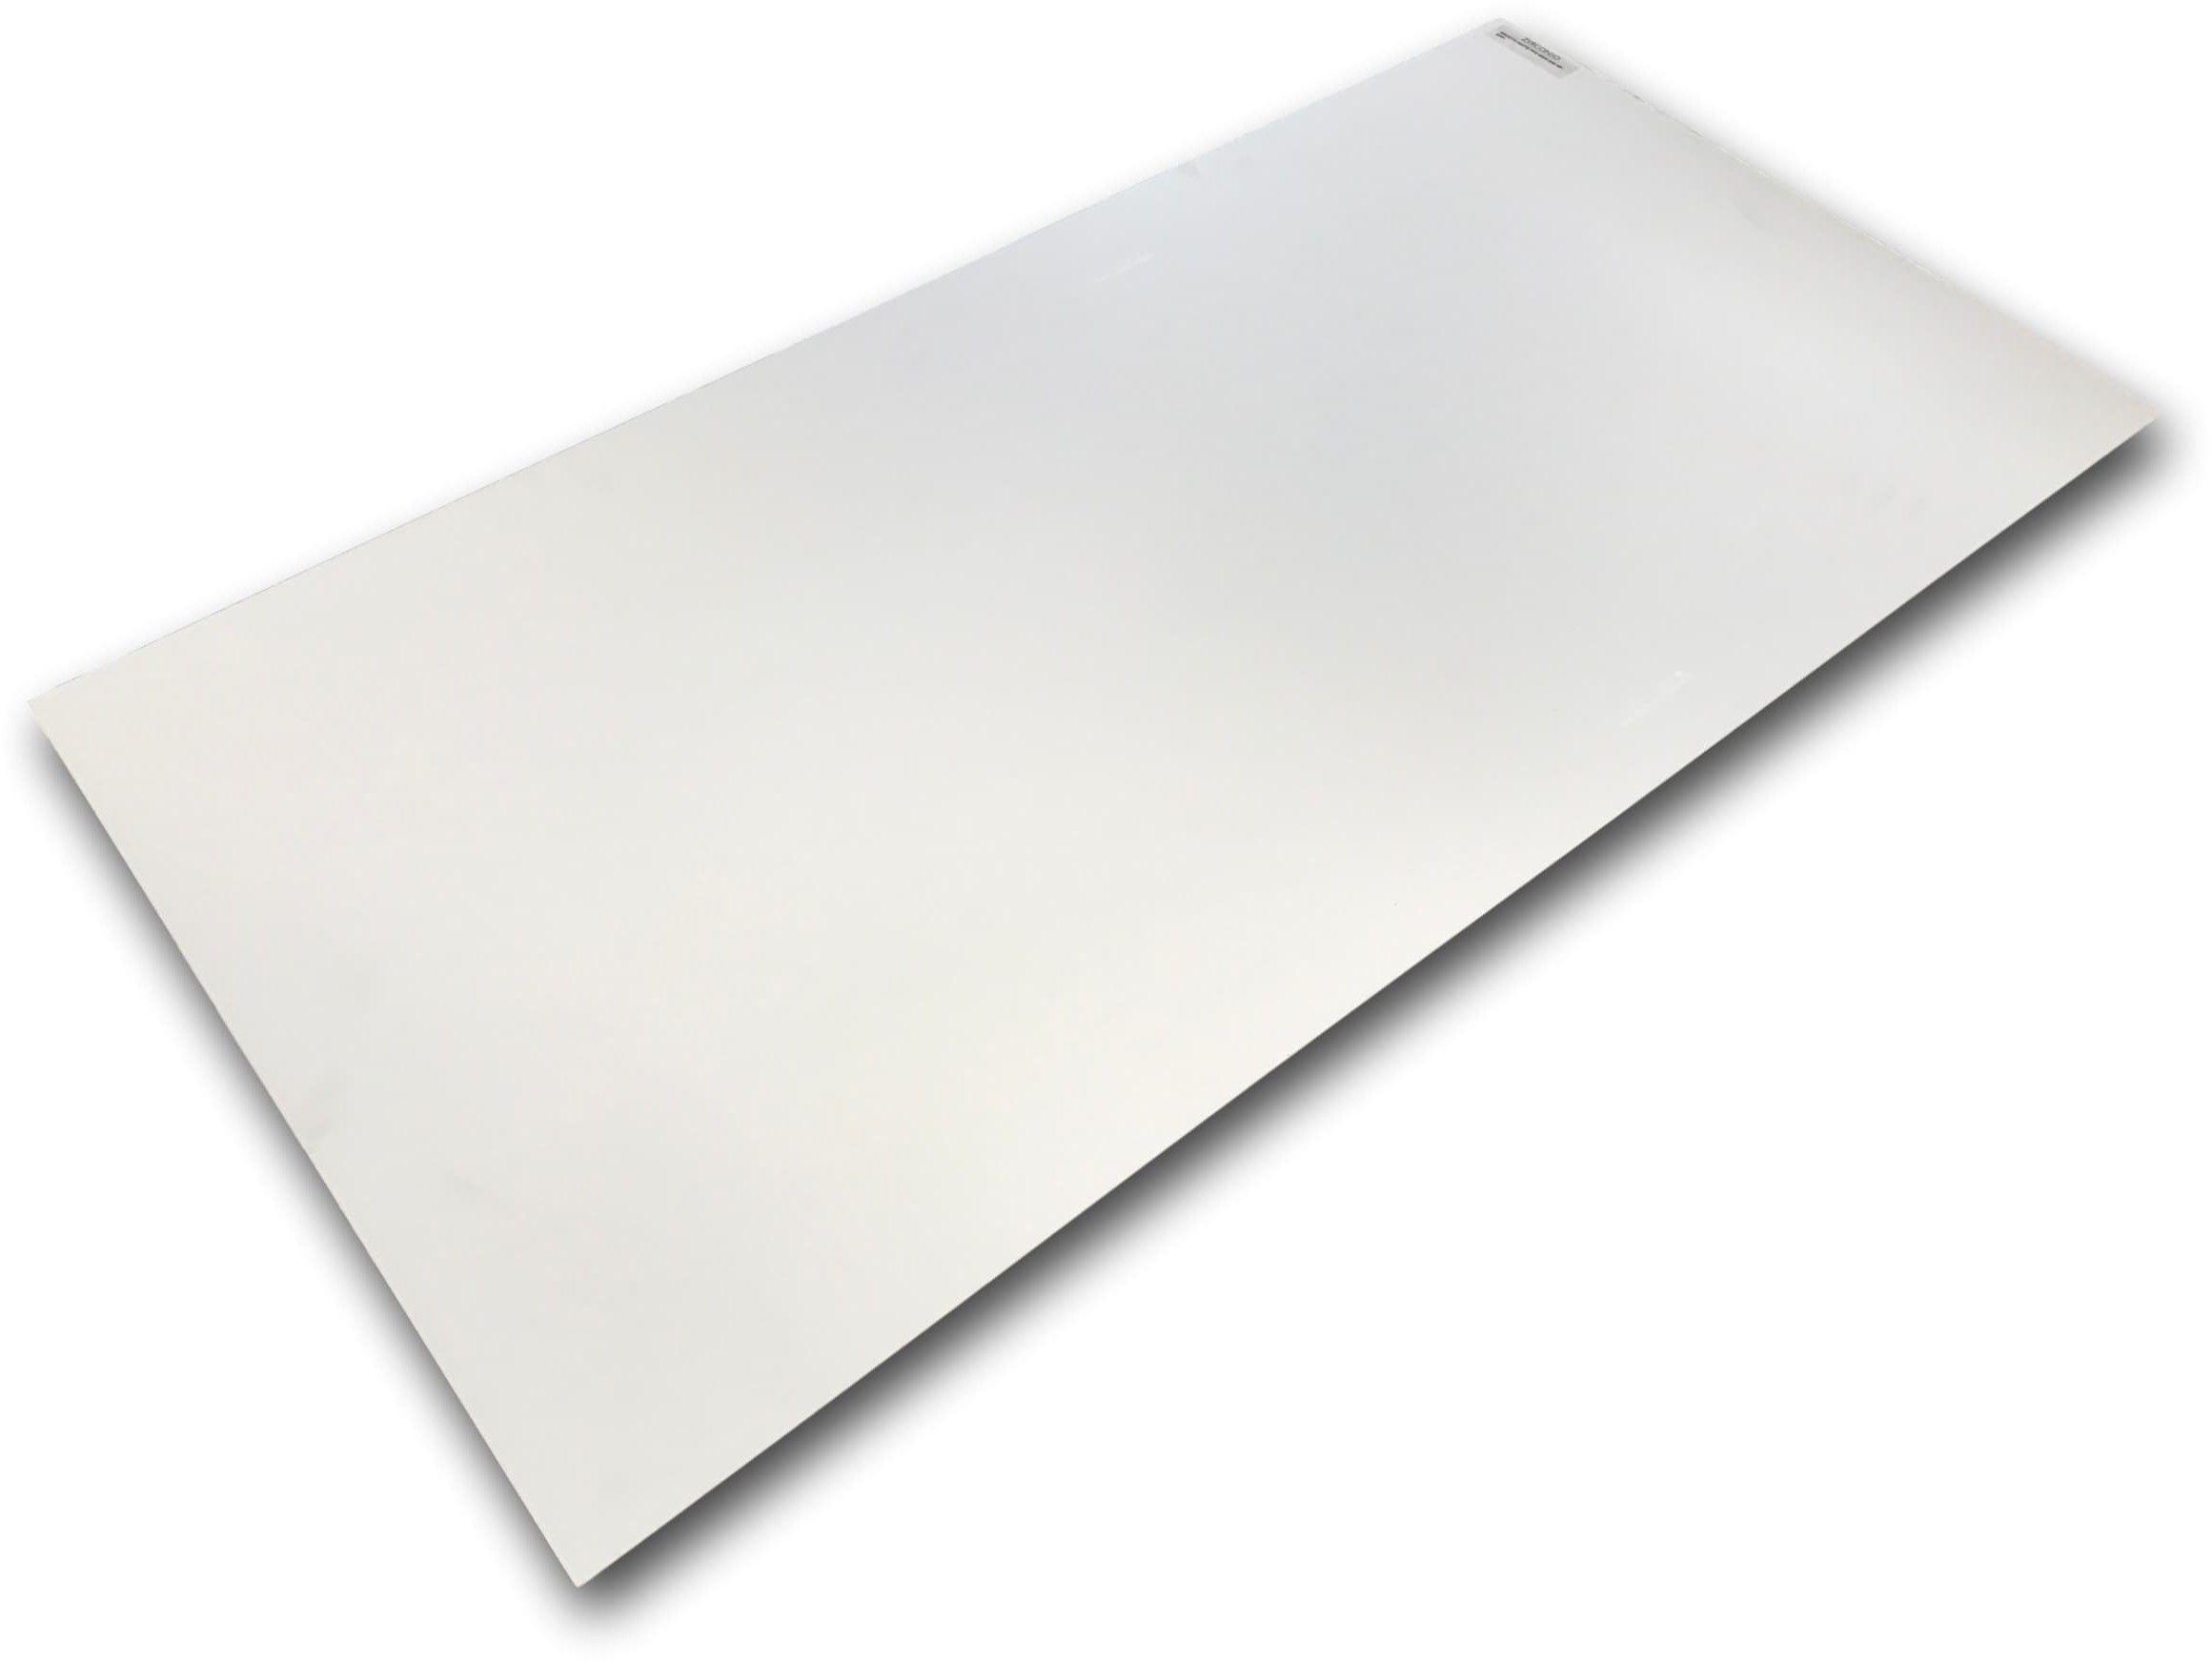 Smooth White 60x120